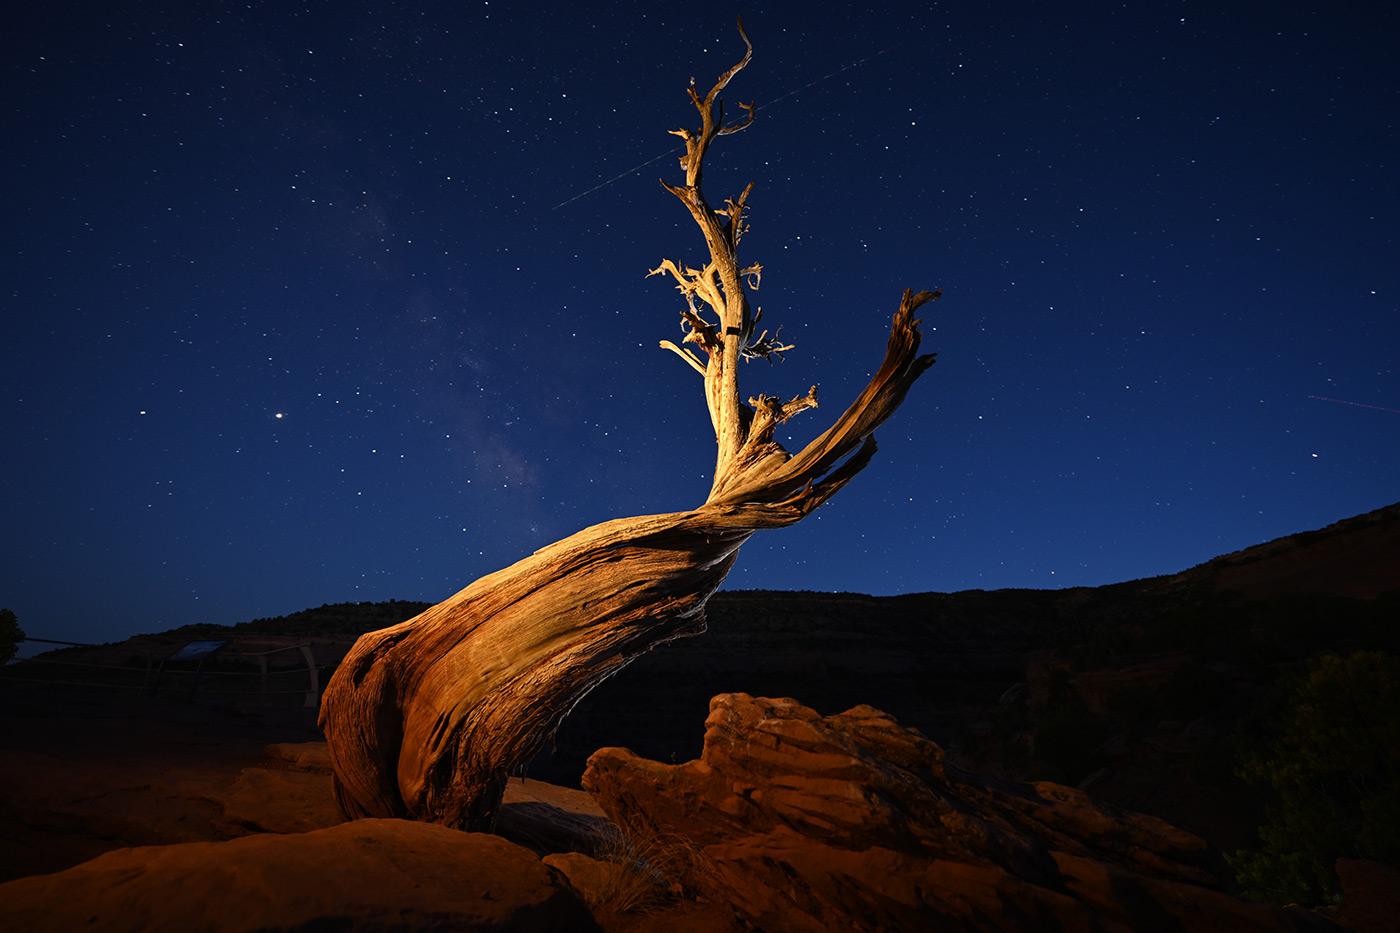 z7-ii-sample-night-landscape